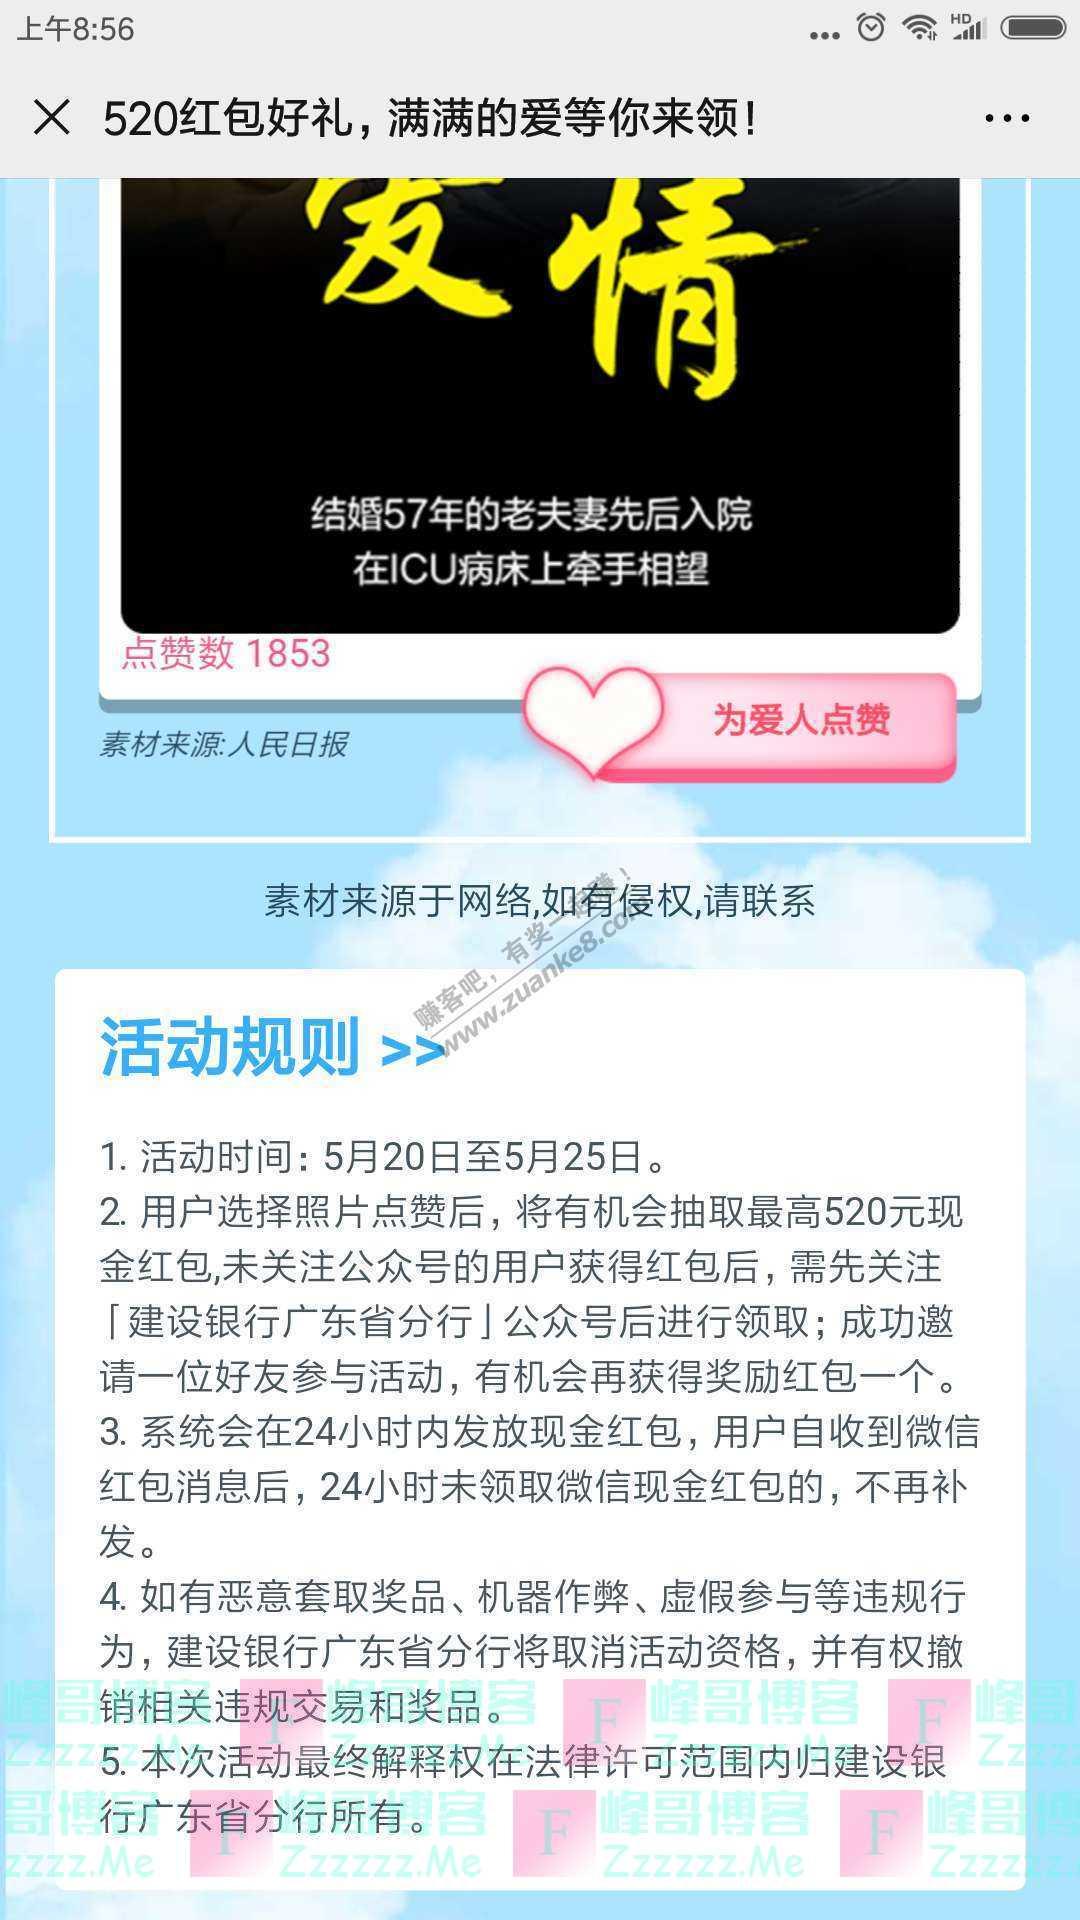 建设银行广东省分行520红包好礼(截止5月25日)